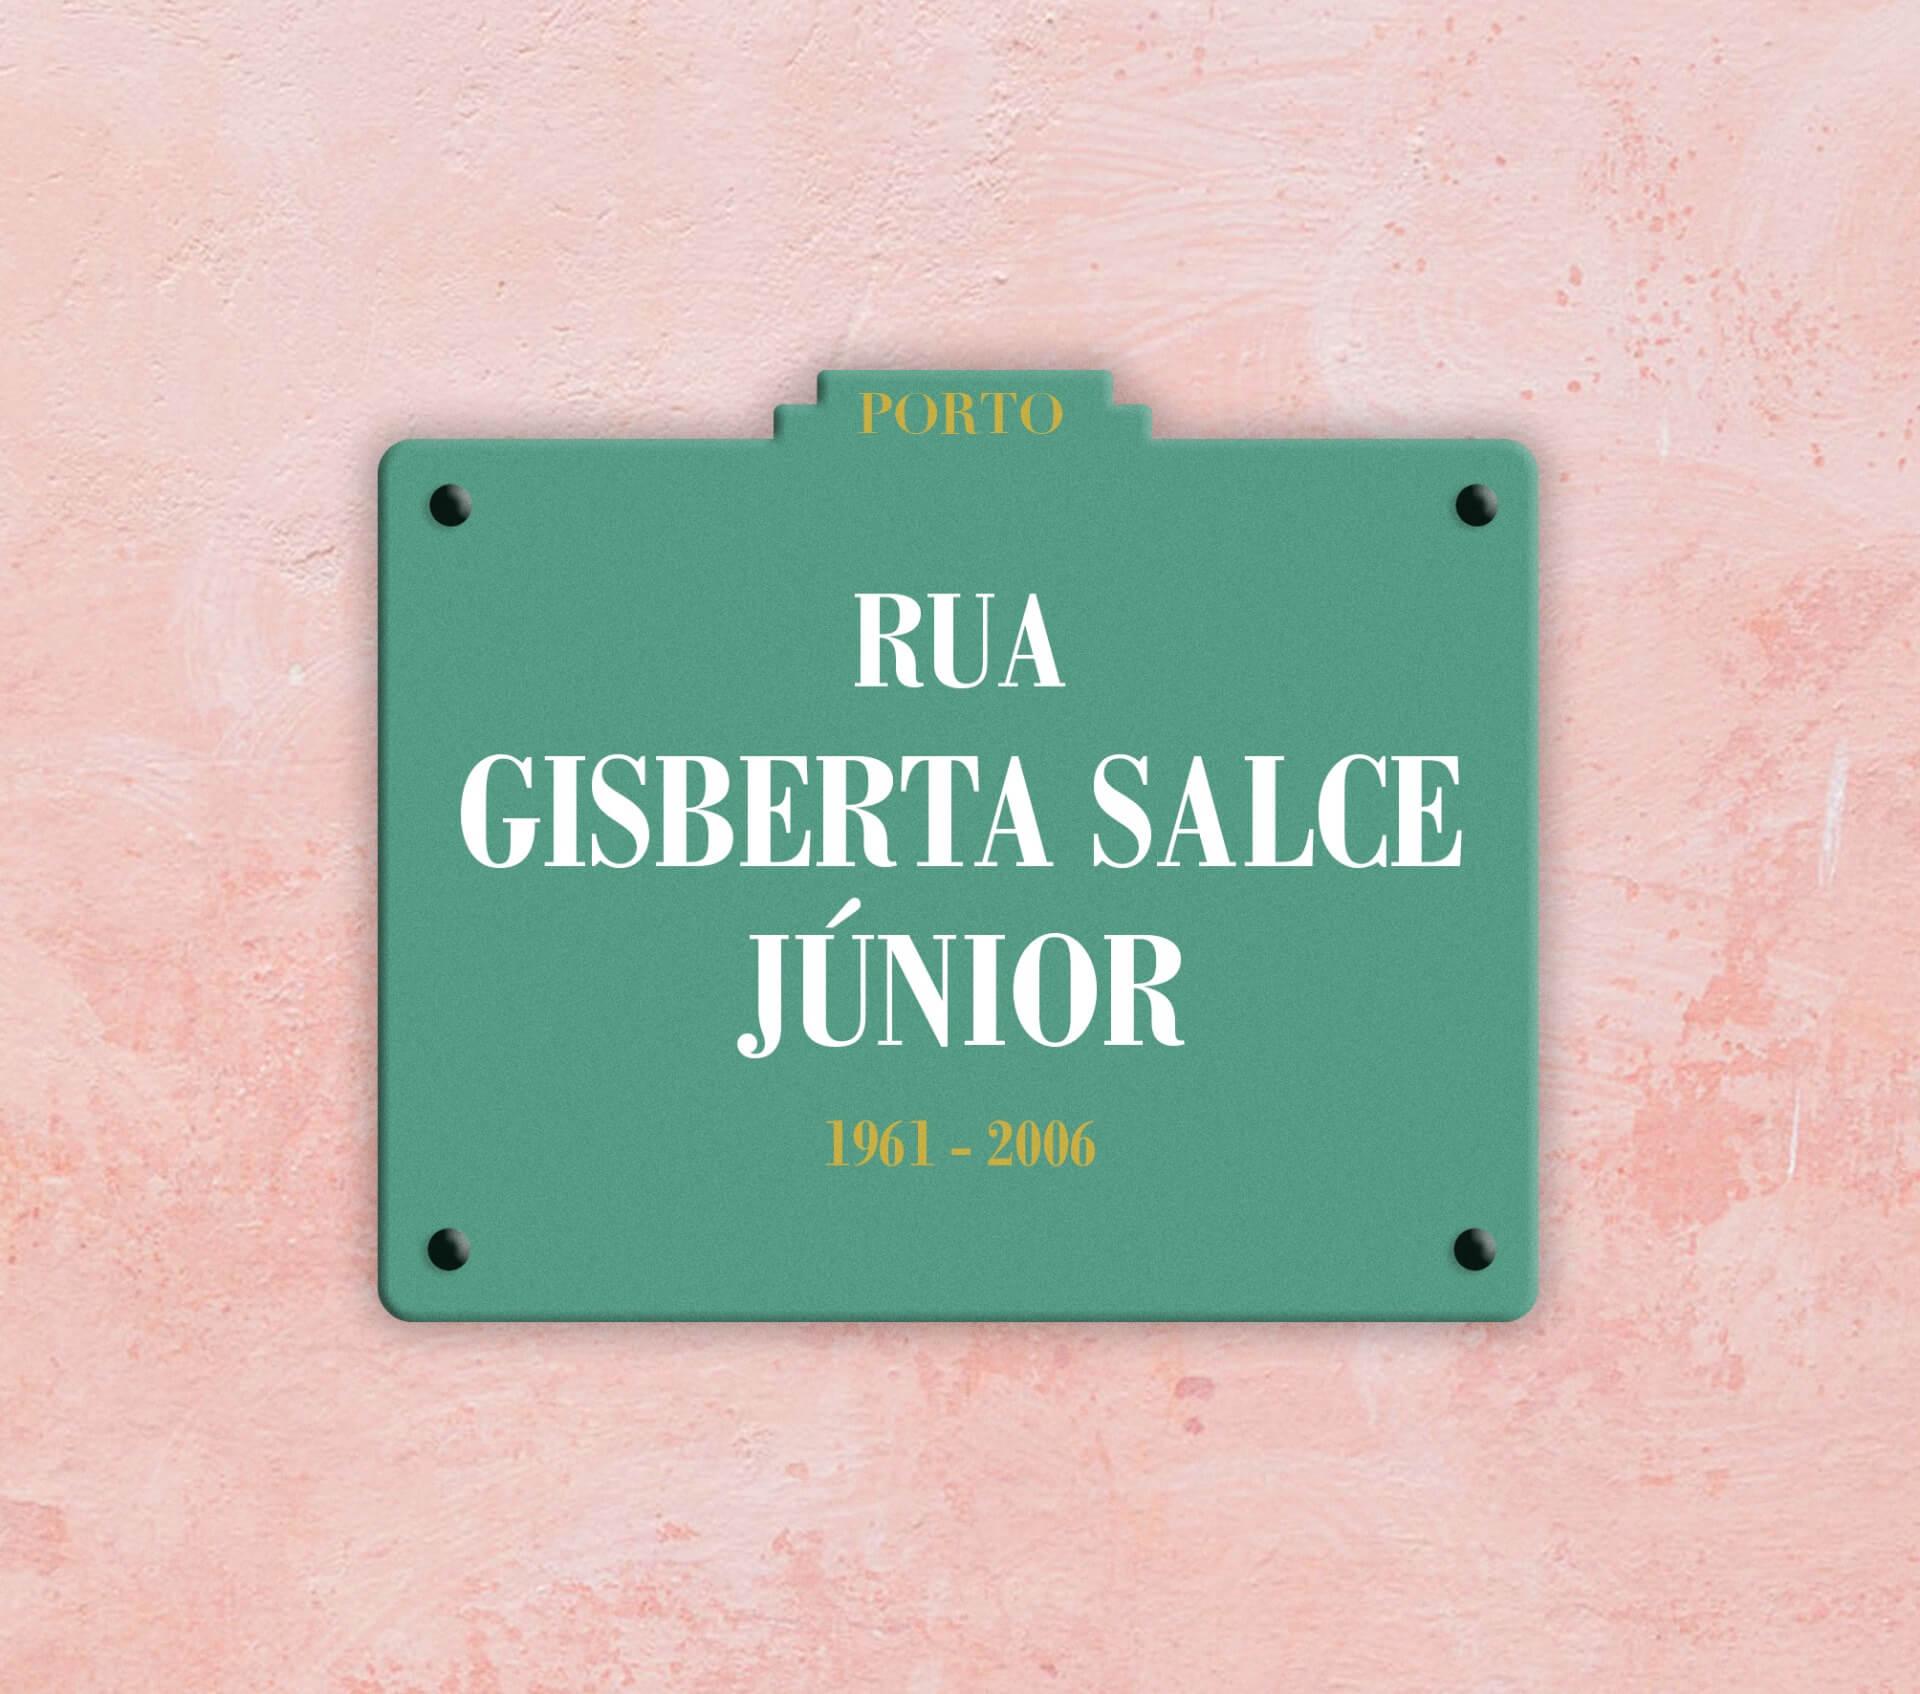 Abaixo-assinado pede que Gisberta Salce Júnior, uma mulher trans assassinada, seja nome de rua no Porto